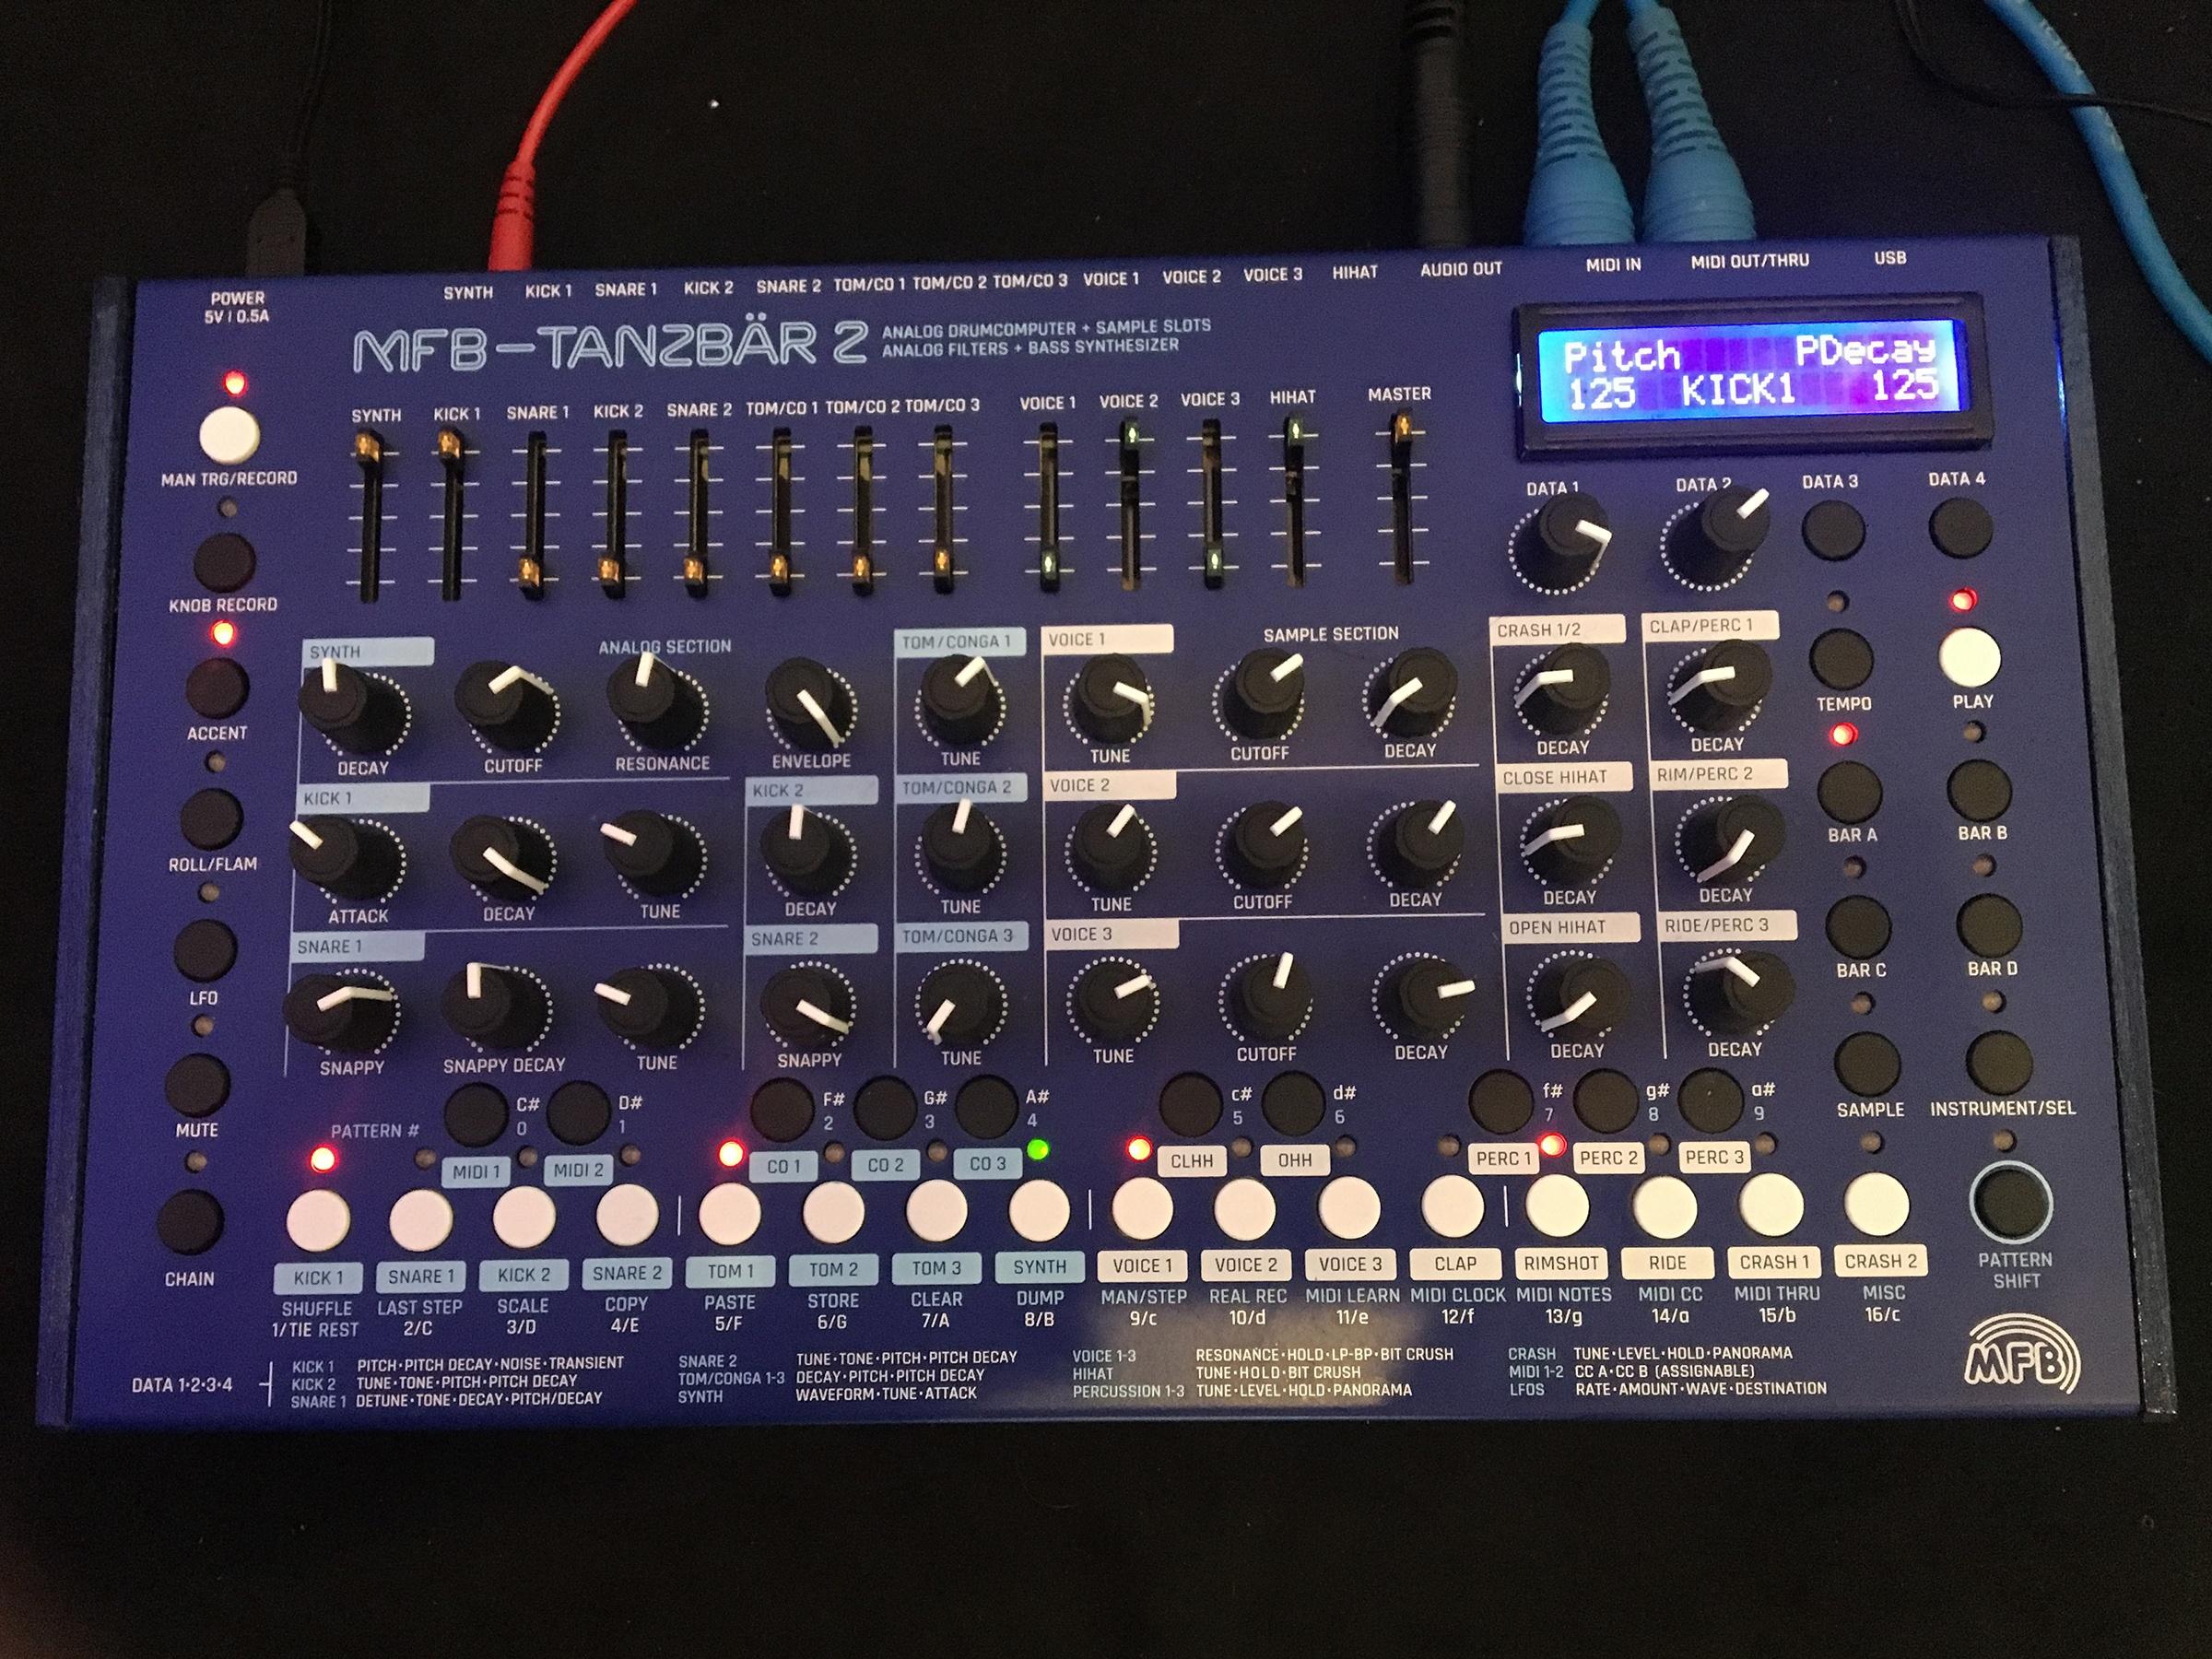 m-f-b-tanzbar-2-270681.jpg